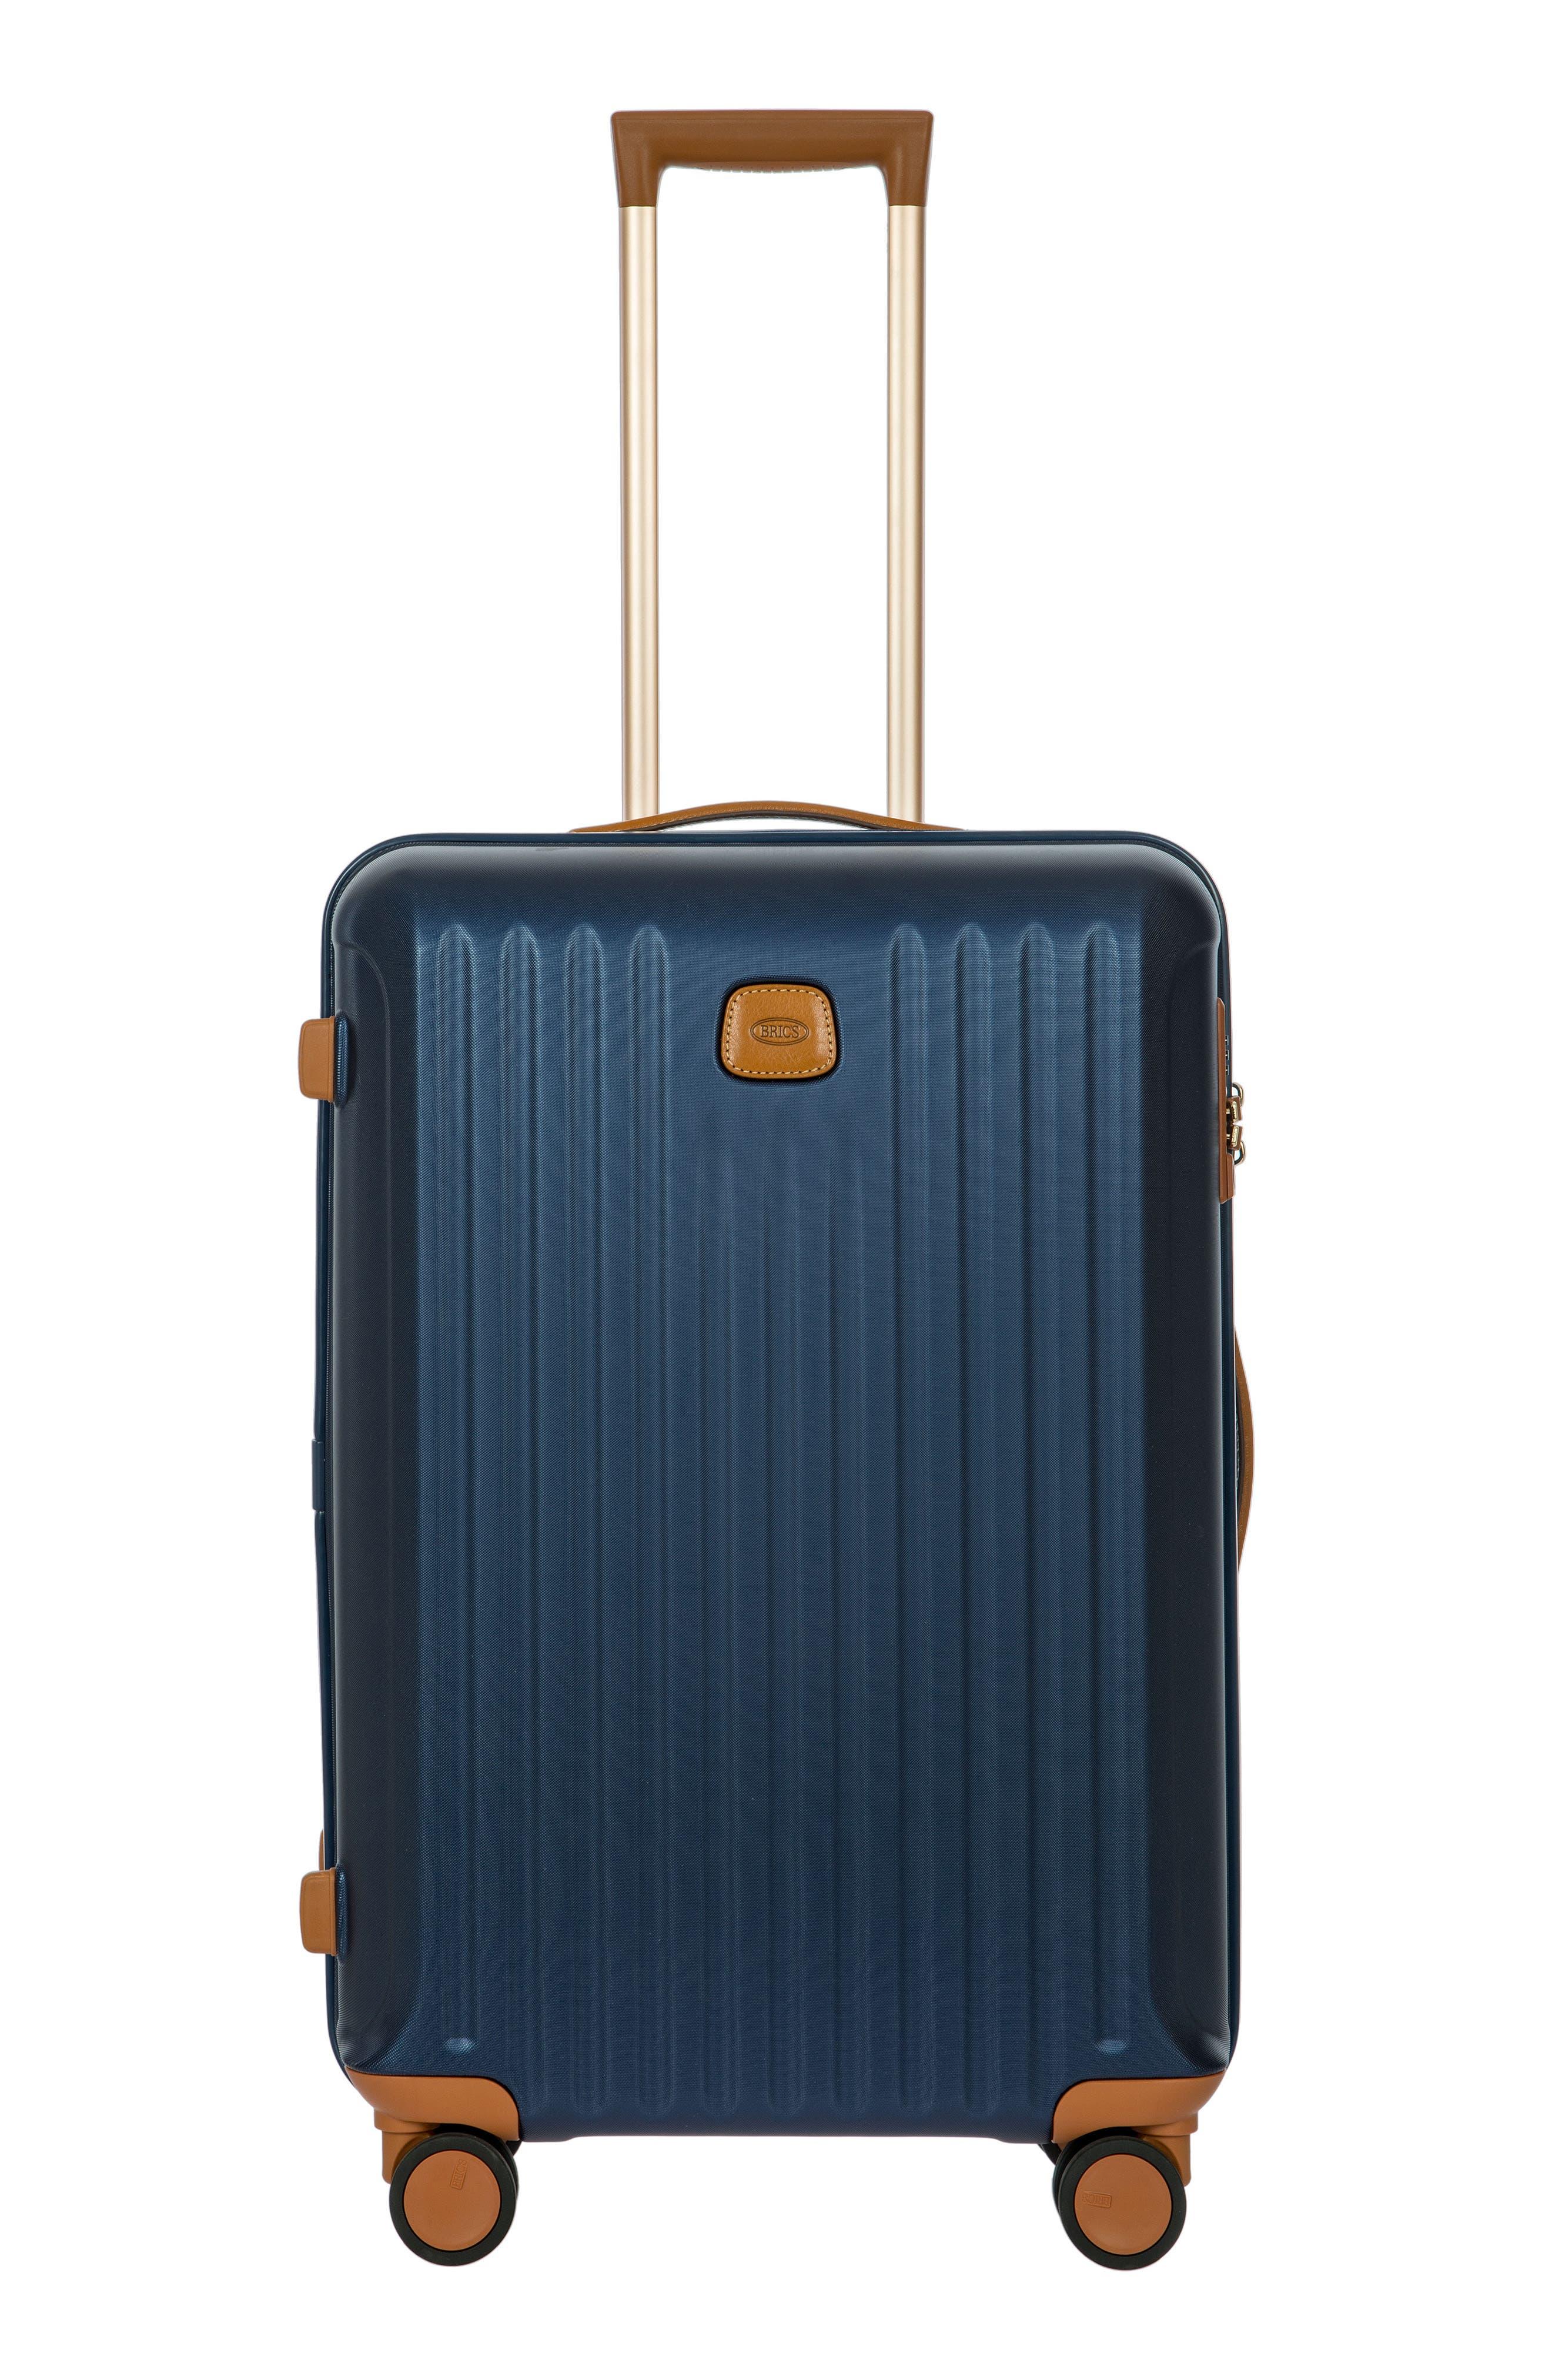 Capri 27-Inch Rolling Suitcase - Blue in Matte Blue